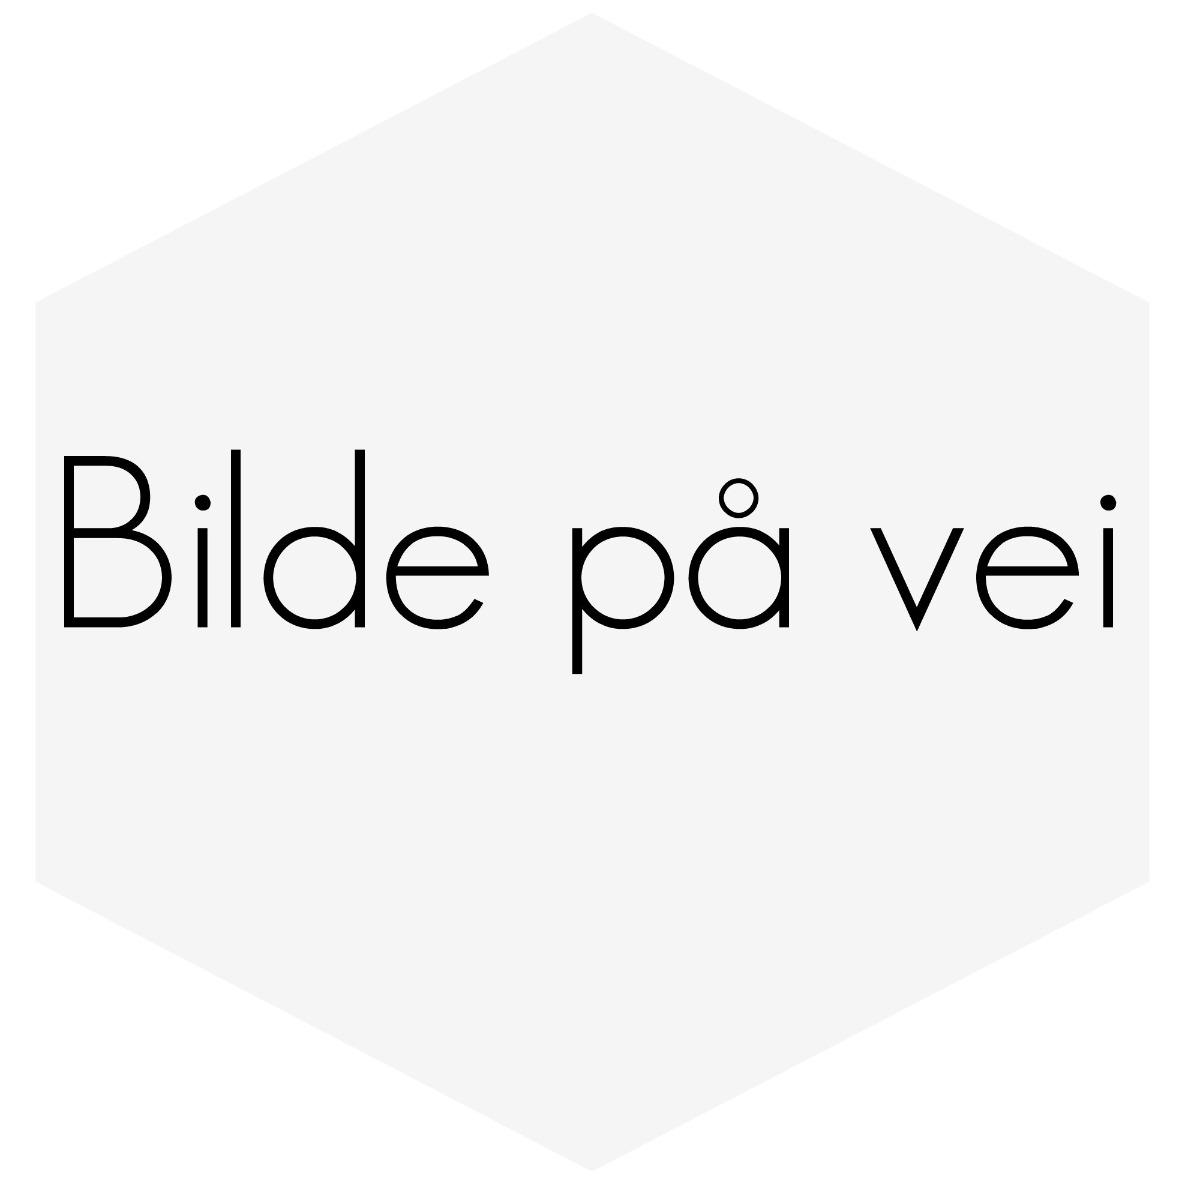 RELE OVERDRIVE DIV VOLVO 200/700 RØDT Sjekk nr:3523805, 3823805